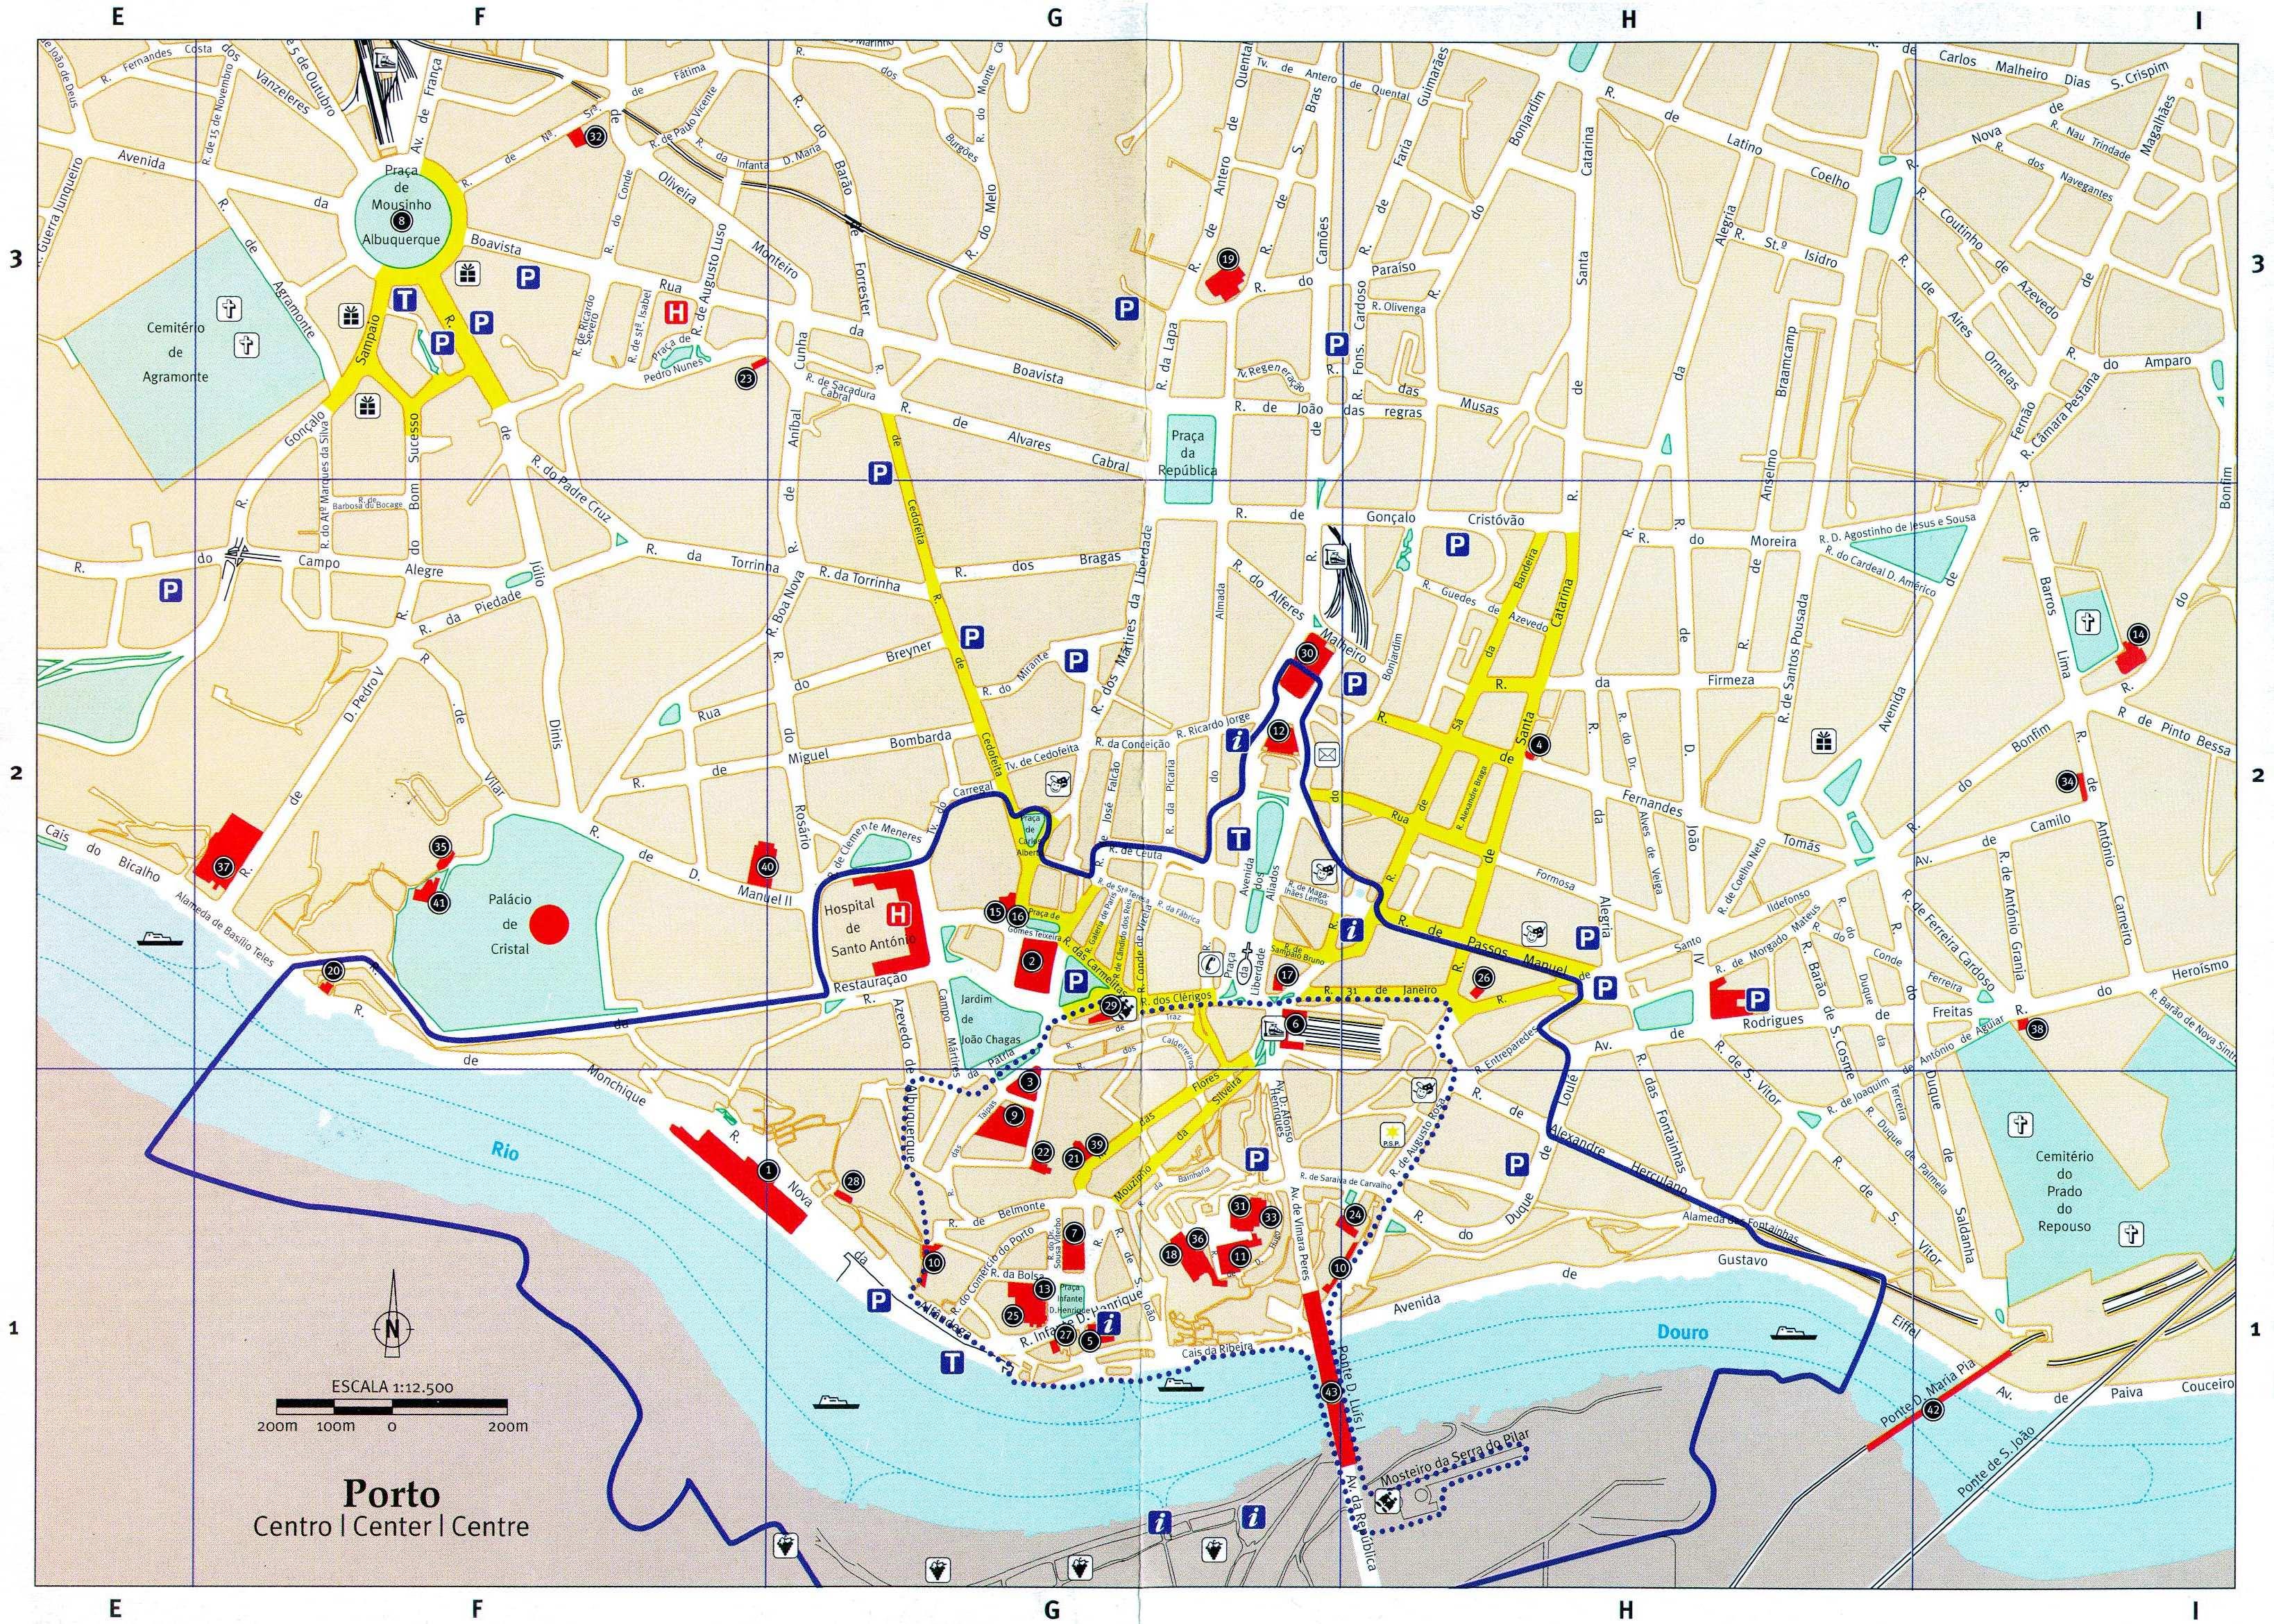 porto mapa interactivo Mapas Detallados de Porto para Descargar Gratis e Imprimir porto mapa interactivo